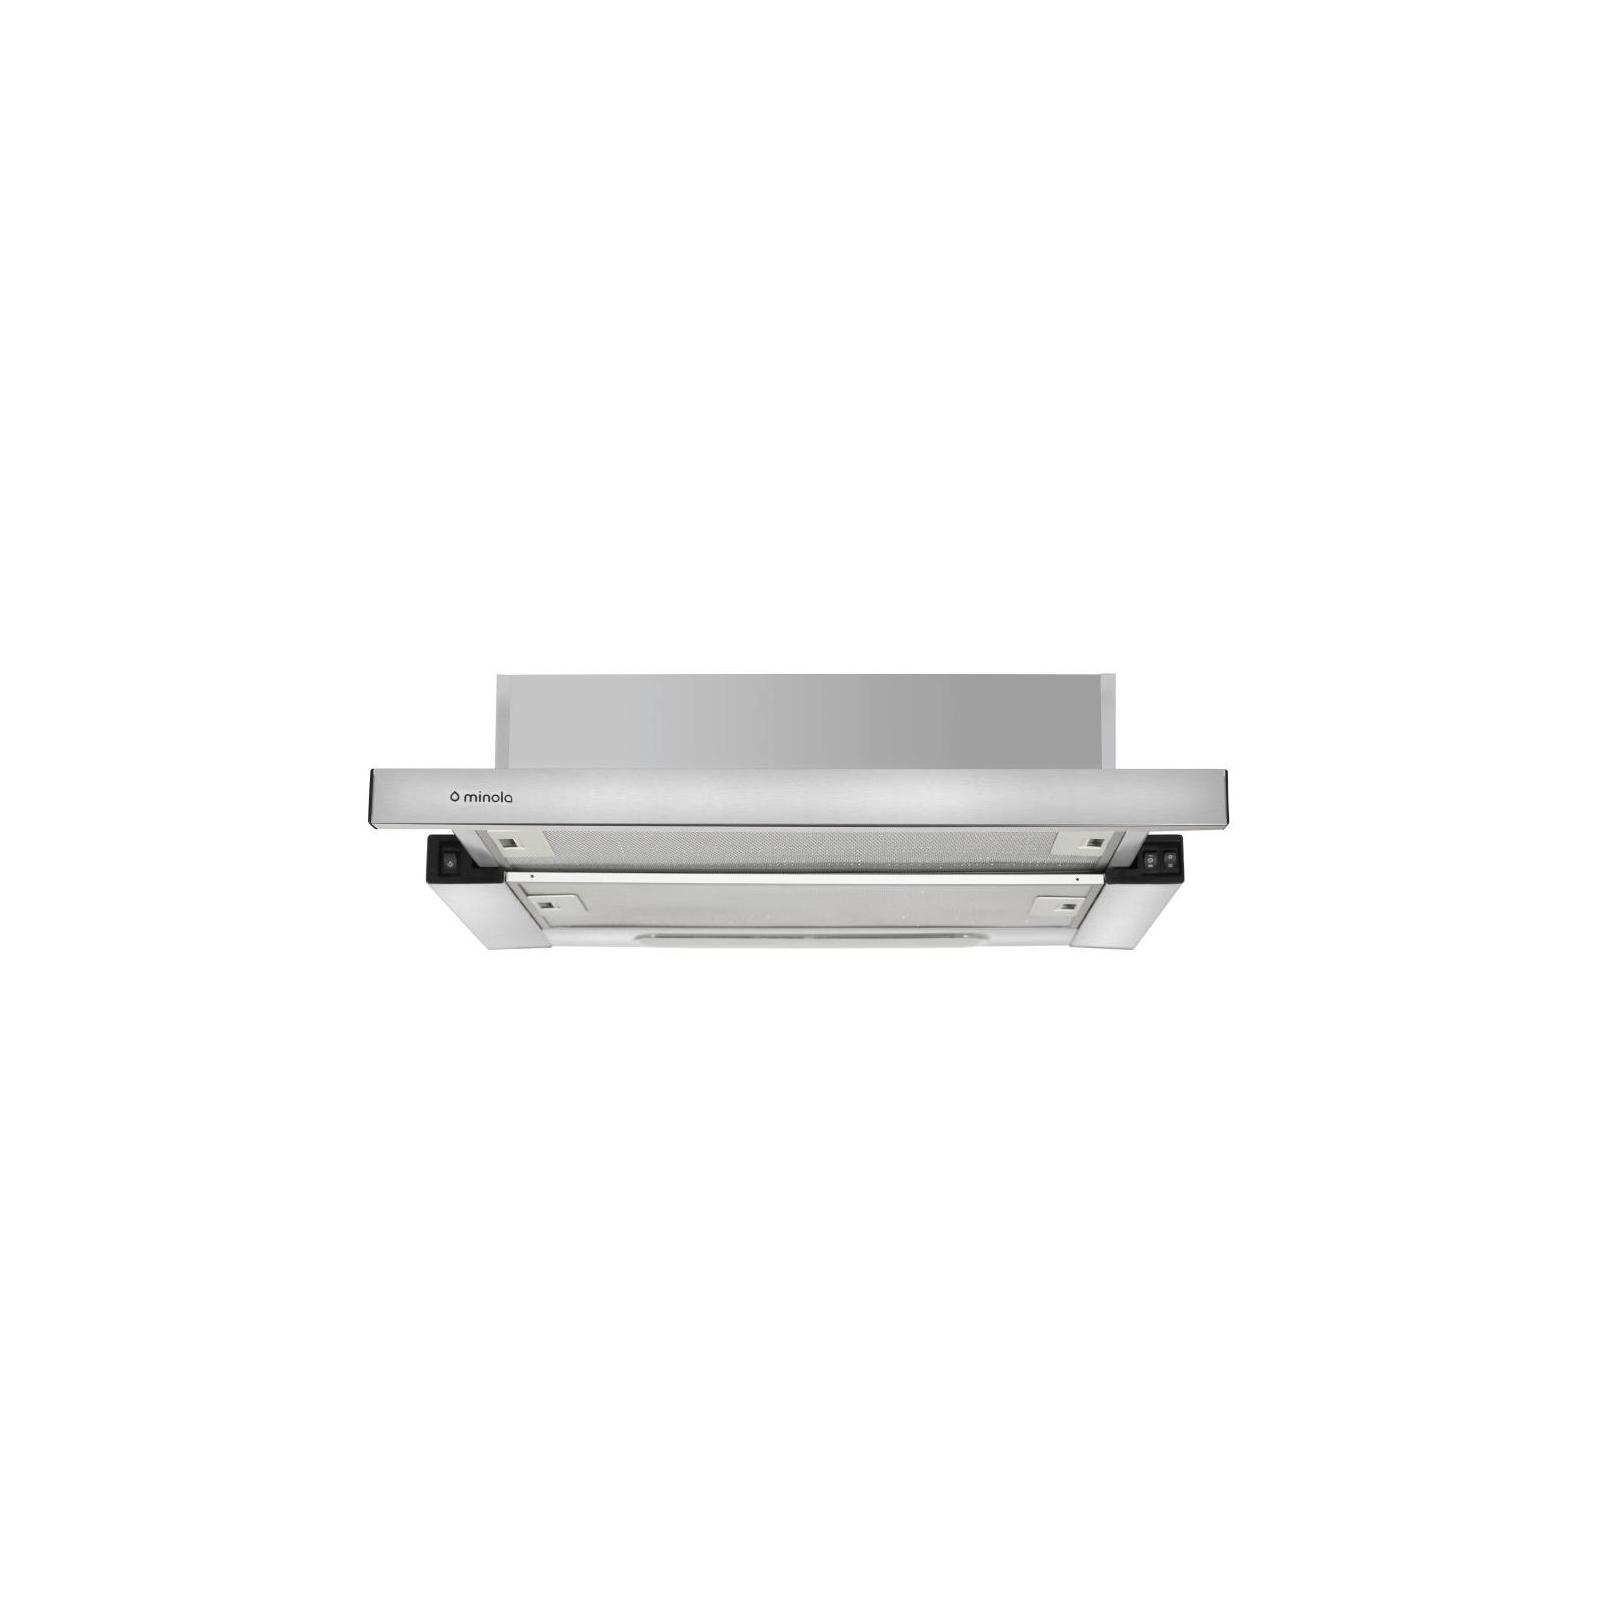 Вытяжка кухонная MINOLA HTL 6010 FULL INOX 430 изображение 2